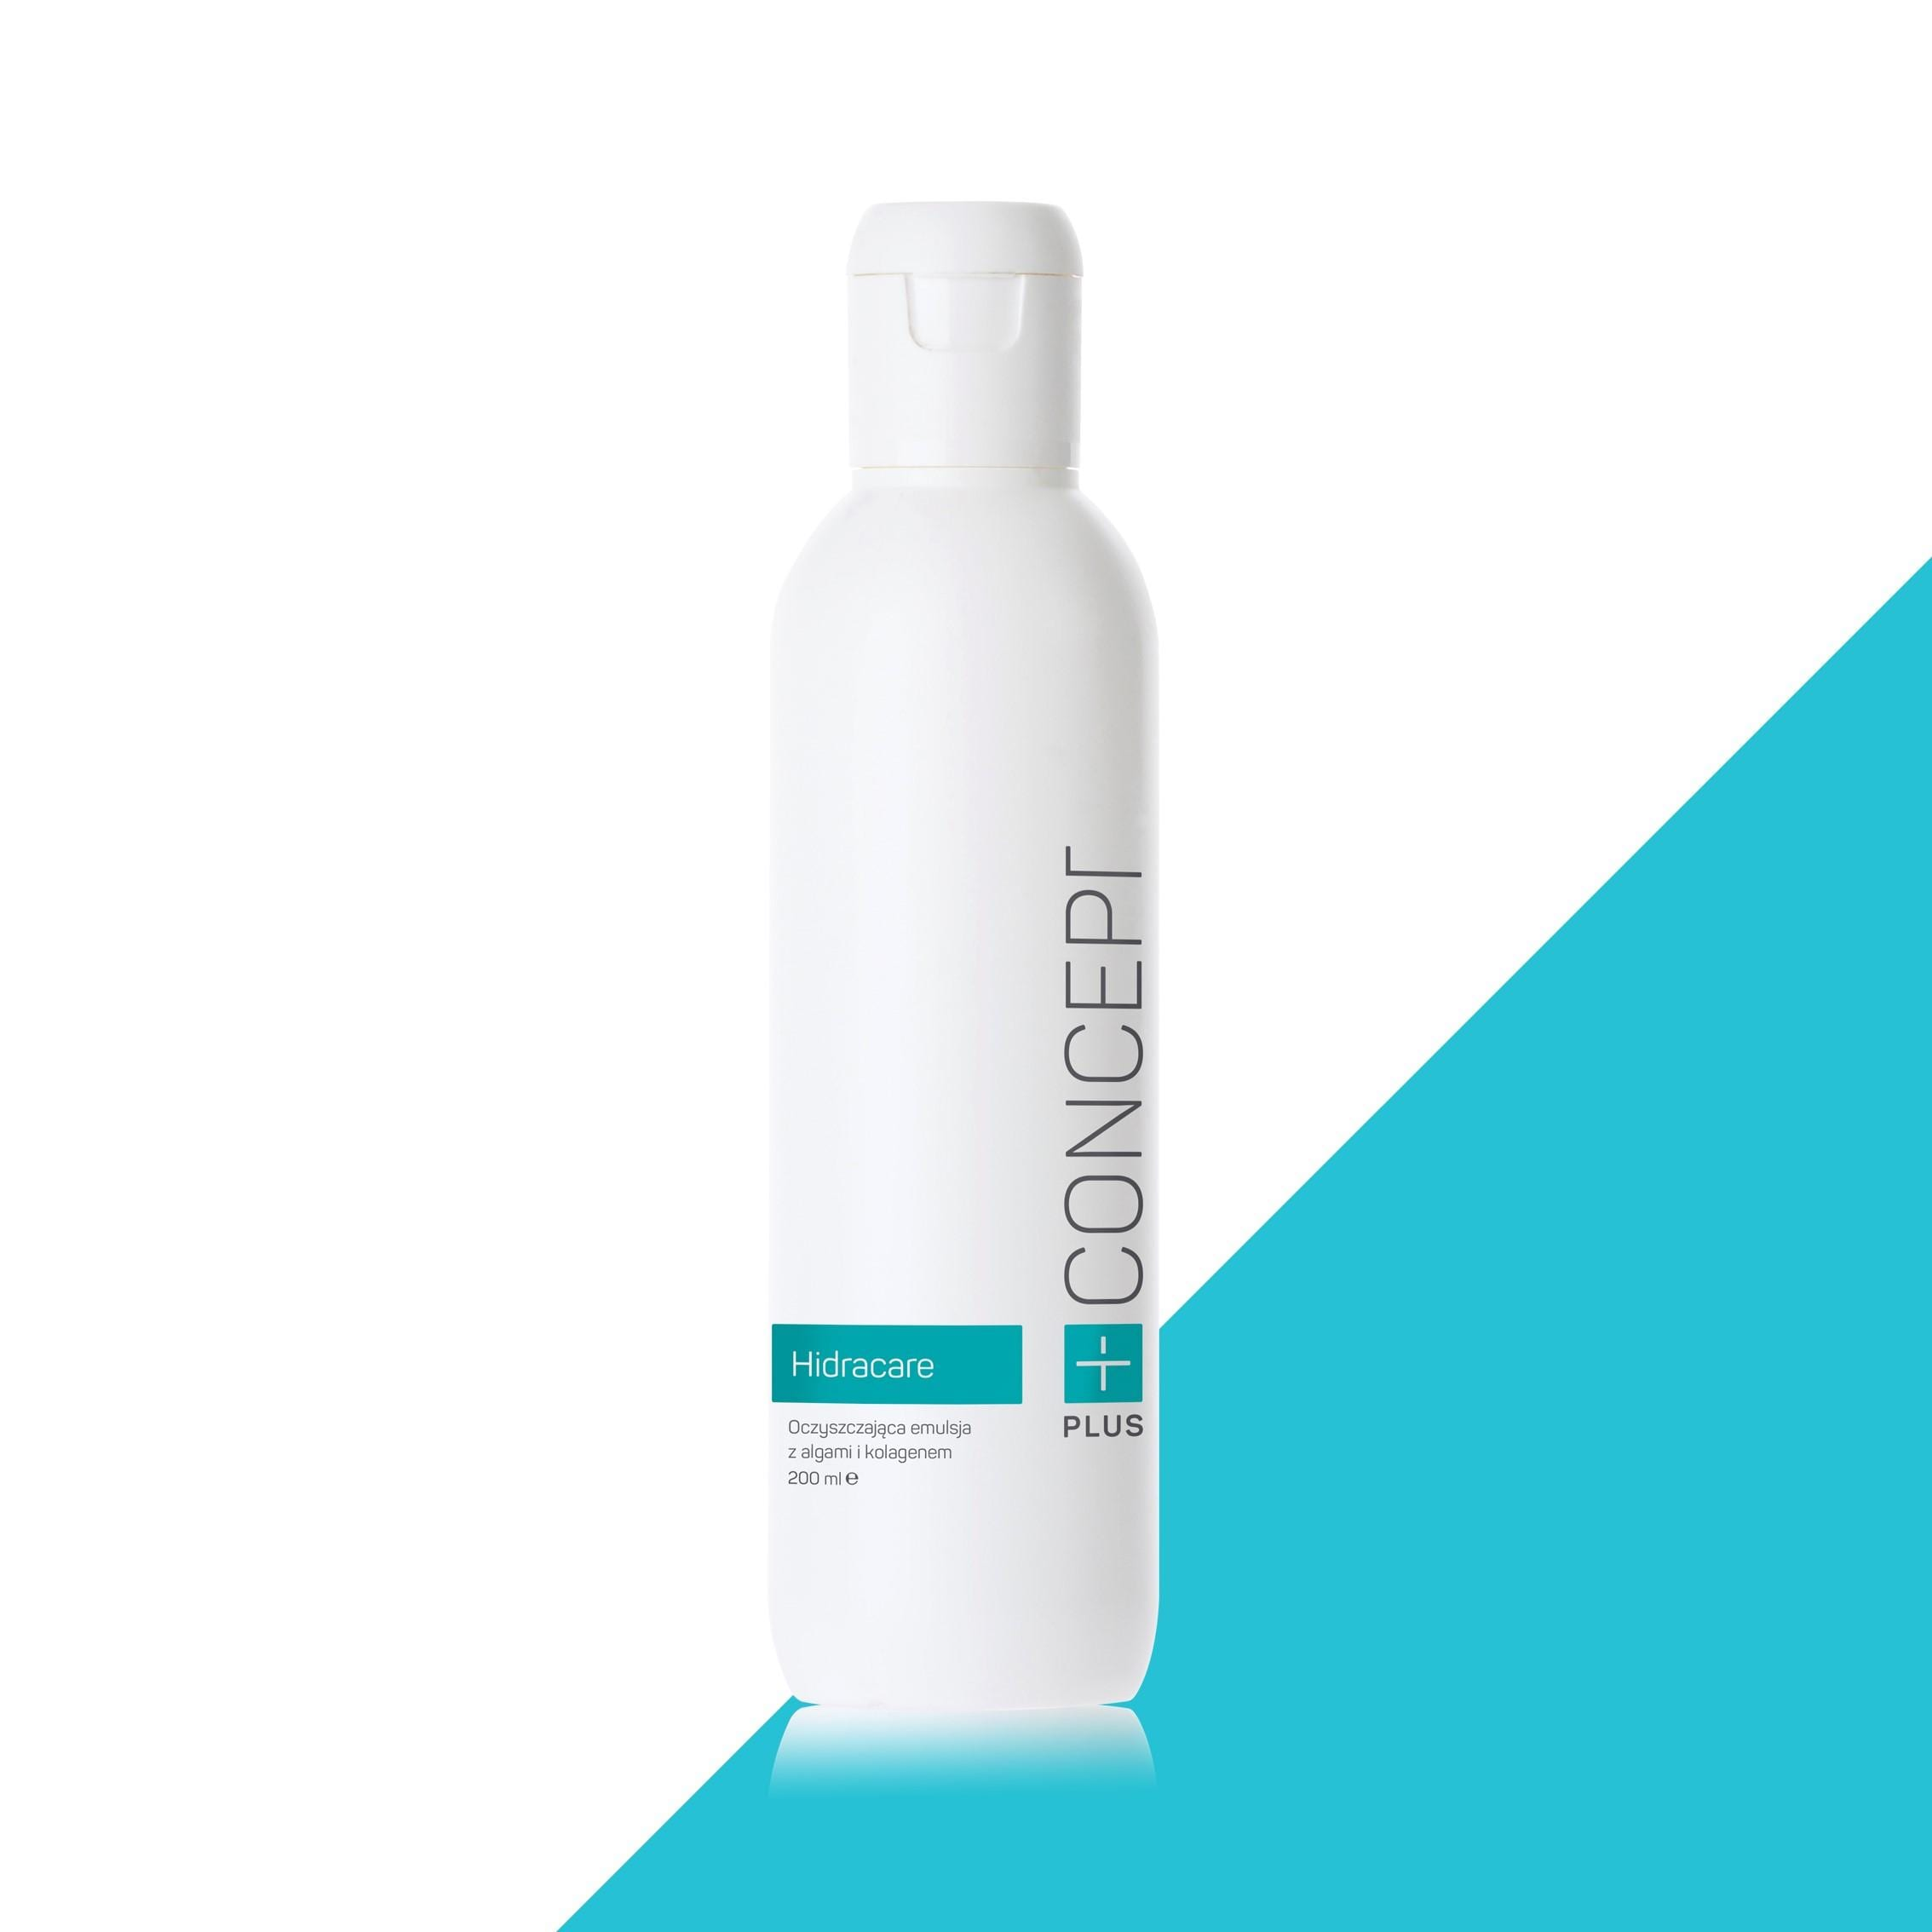 Hidracare – Oczyszczjąca emulsja z algami i kolagenem